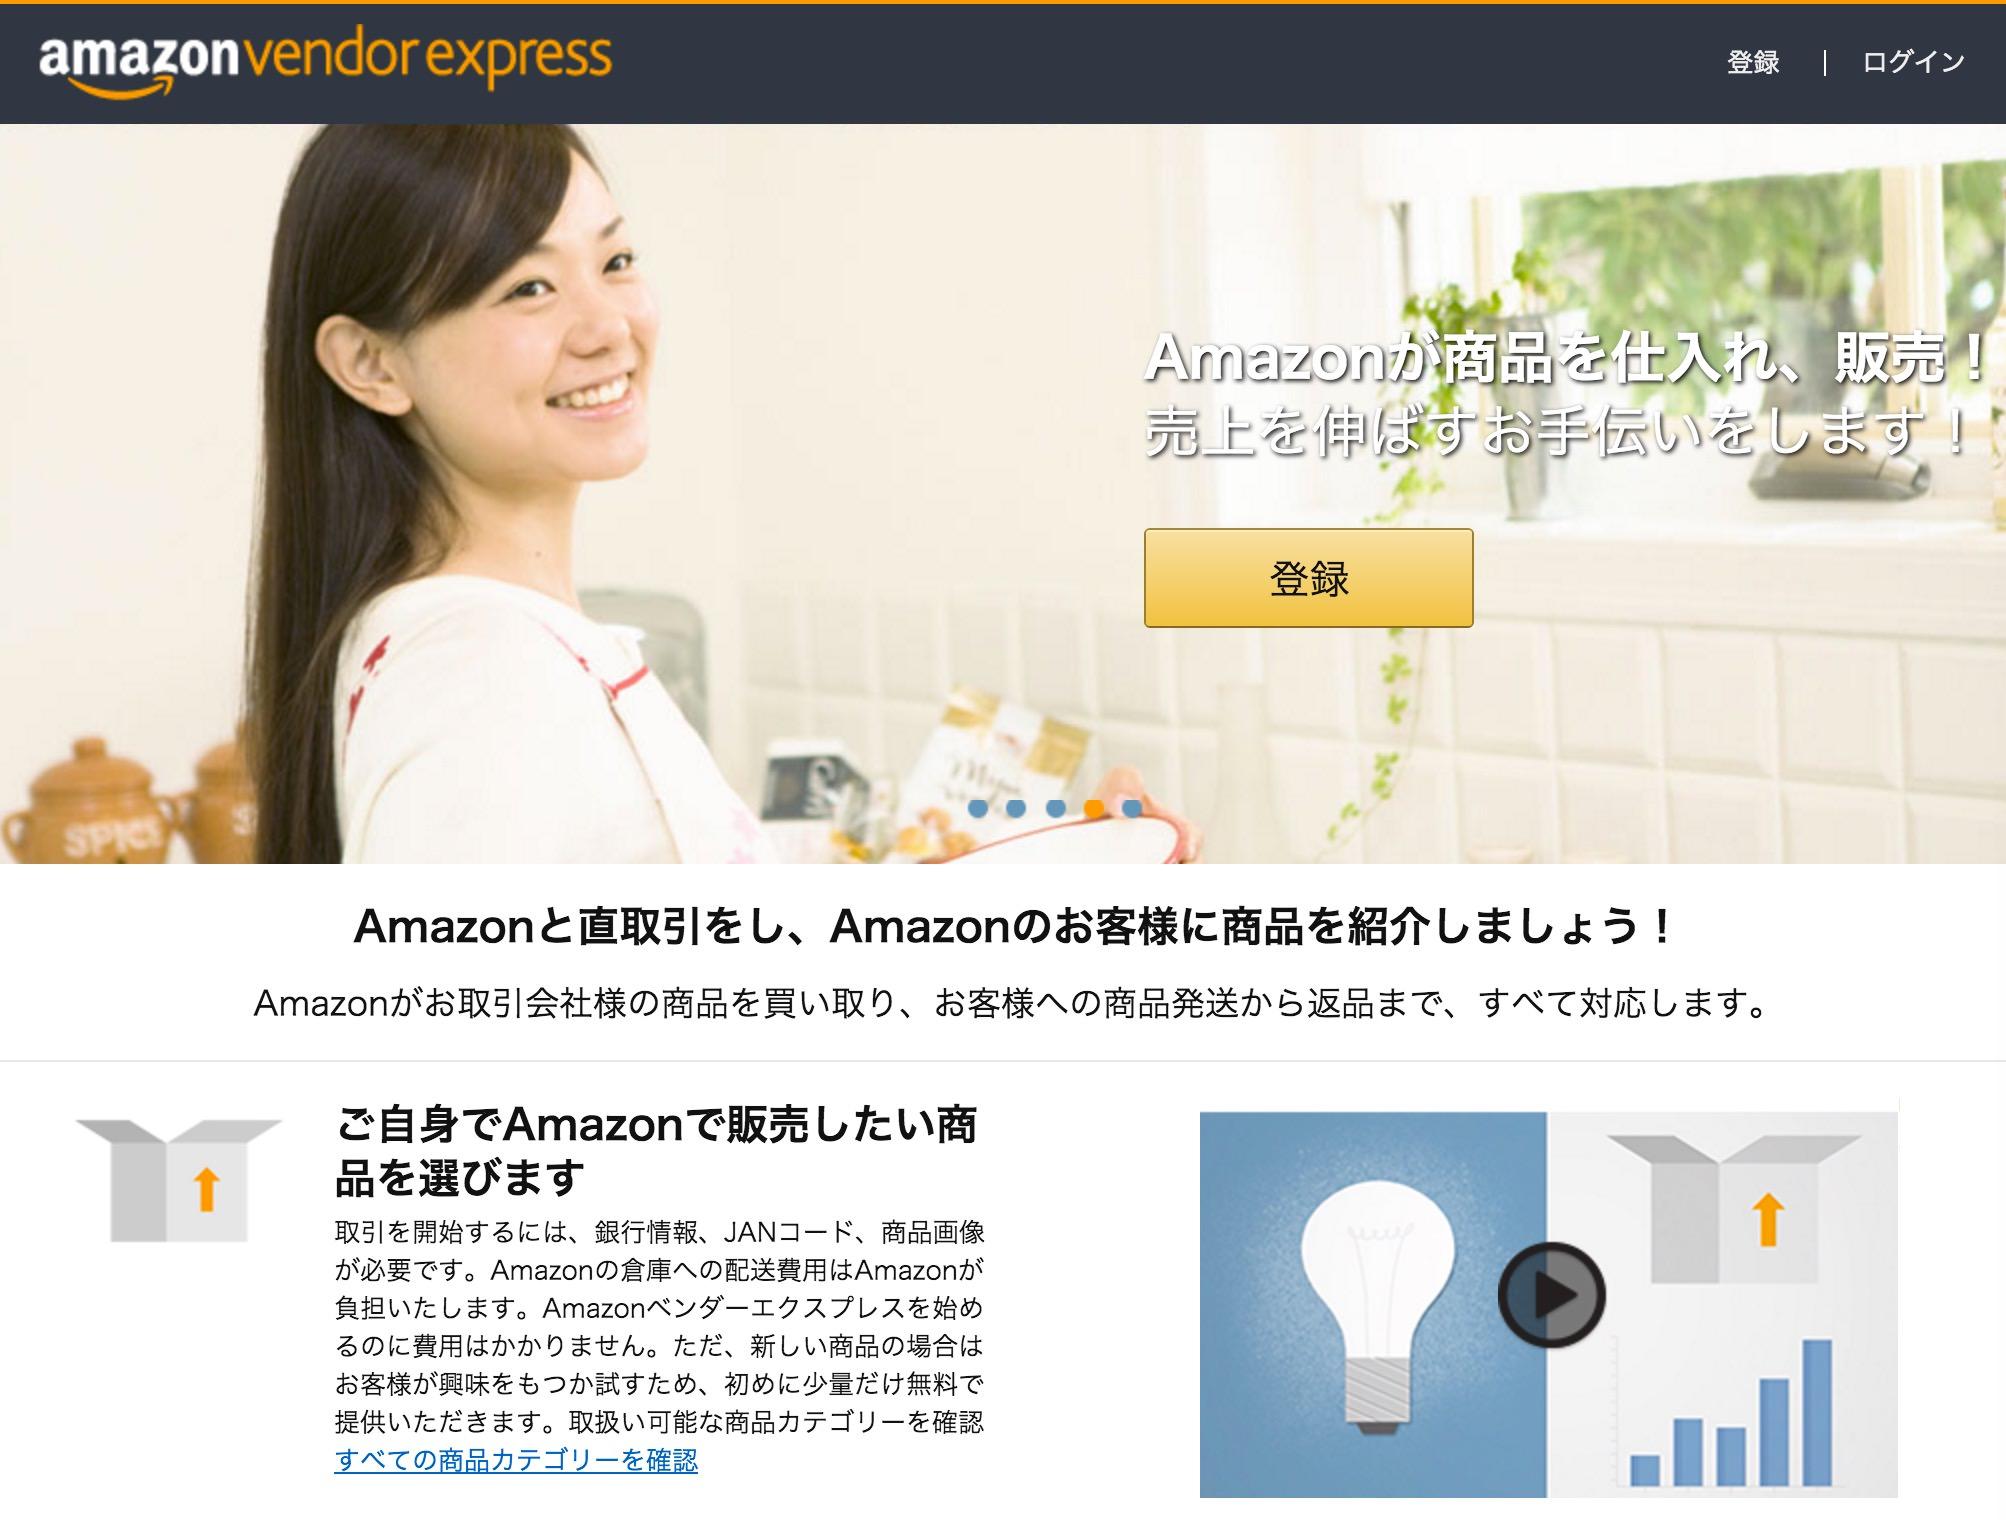 「Amazonベンダーエクスプレス」最短1日でAmazonの仕入先になれるサービス